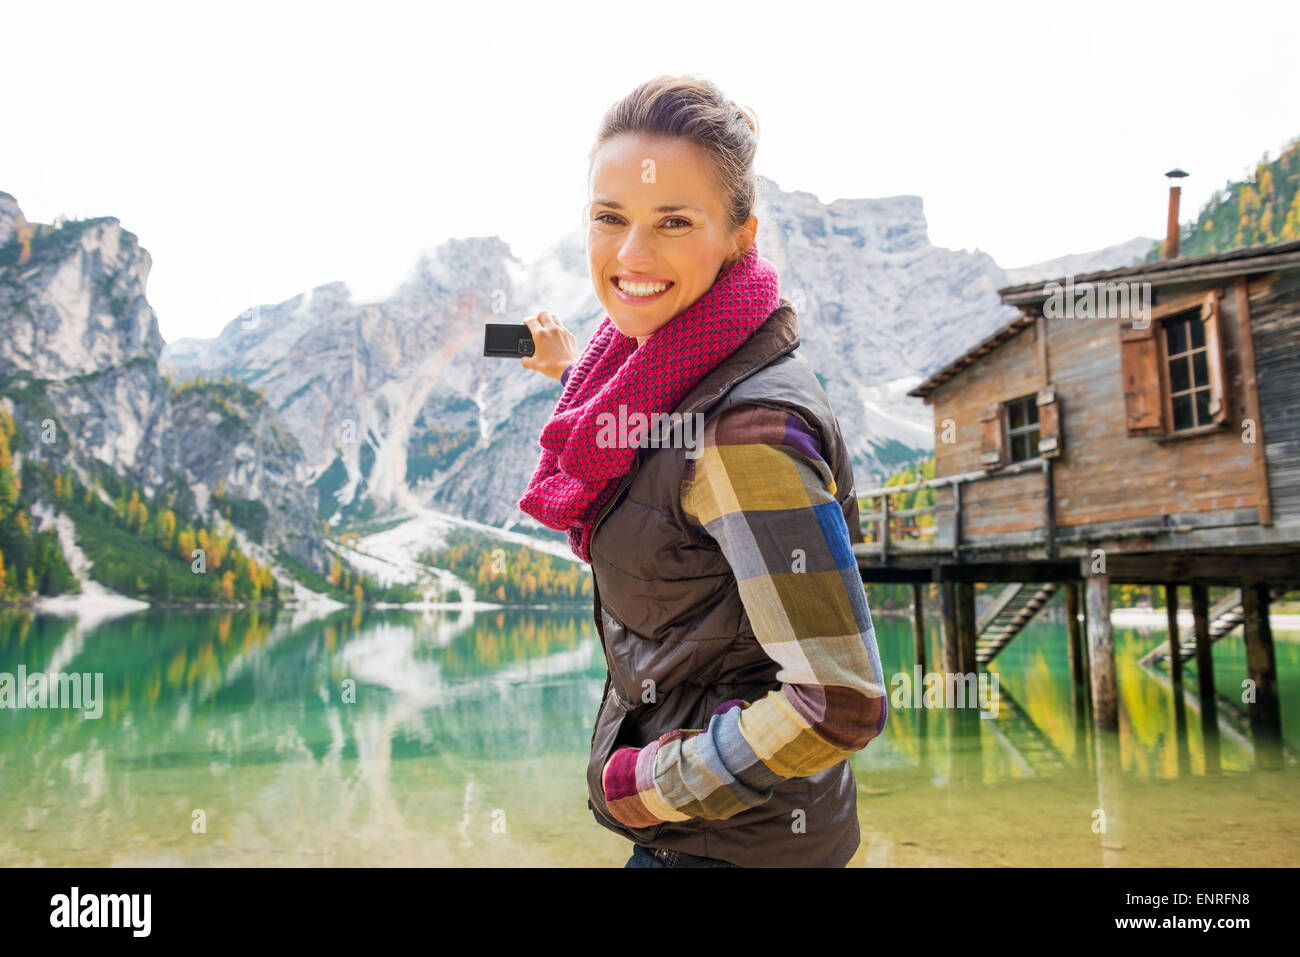 Eine lächelnde Brünette in Outdoor-Ausrüstung ist mit dem Ziel, ihrer Digitalkamera heraus am See Stockbild